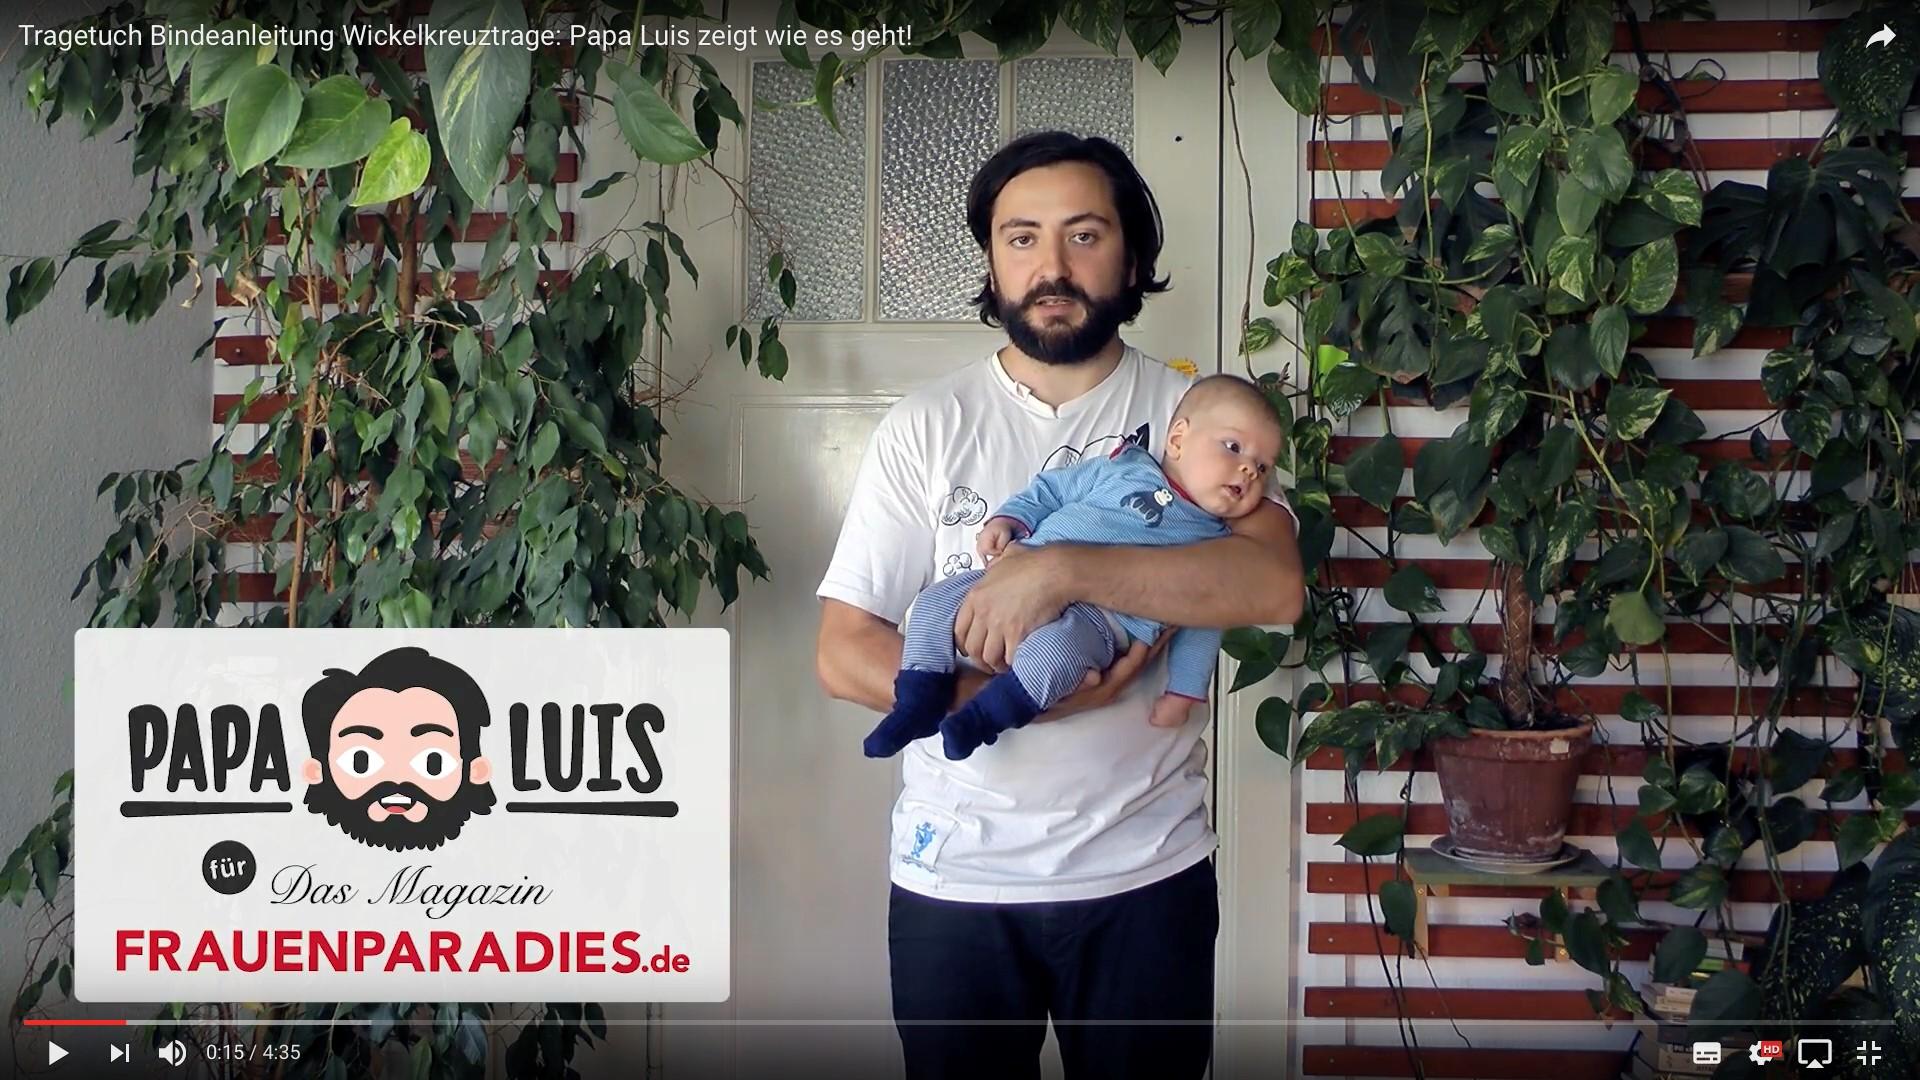 Videoblog: Papa Luis erklärt das Tragetuch